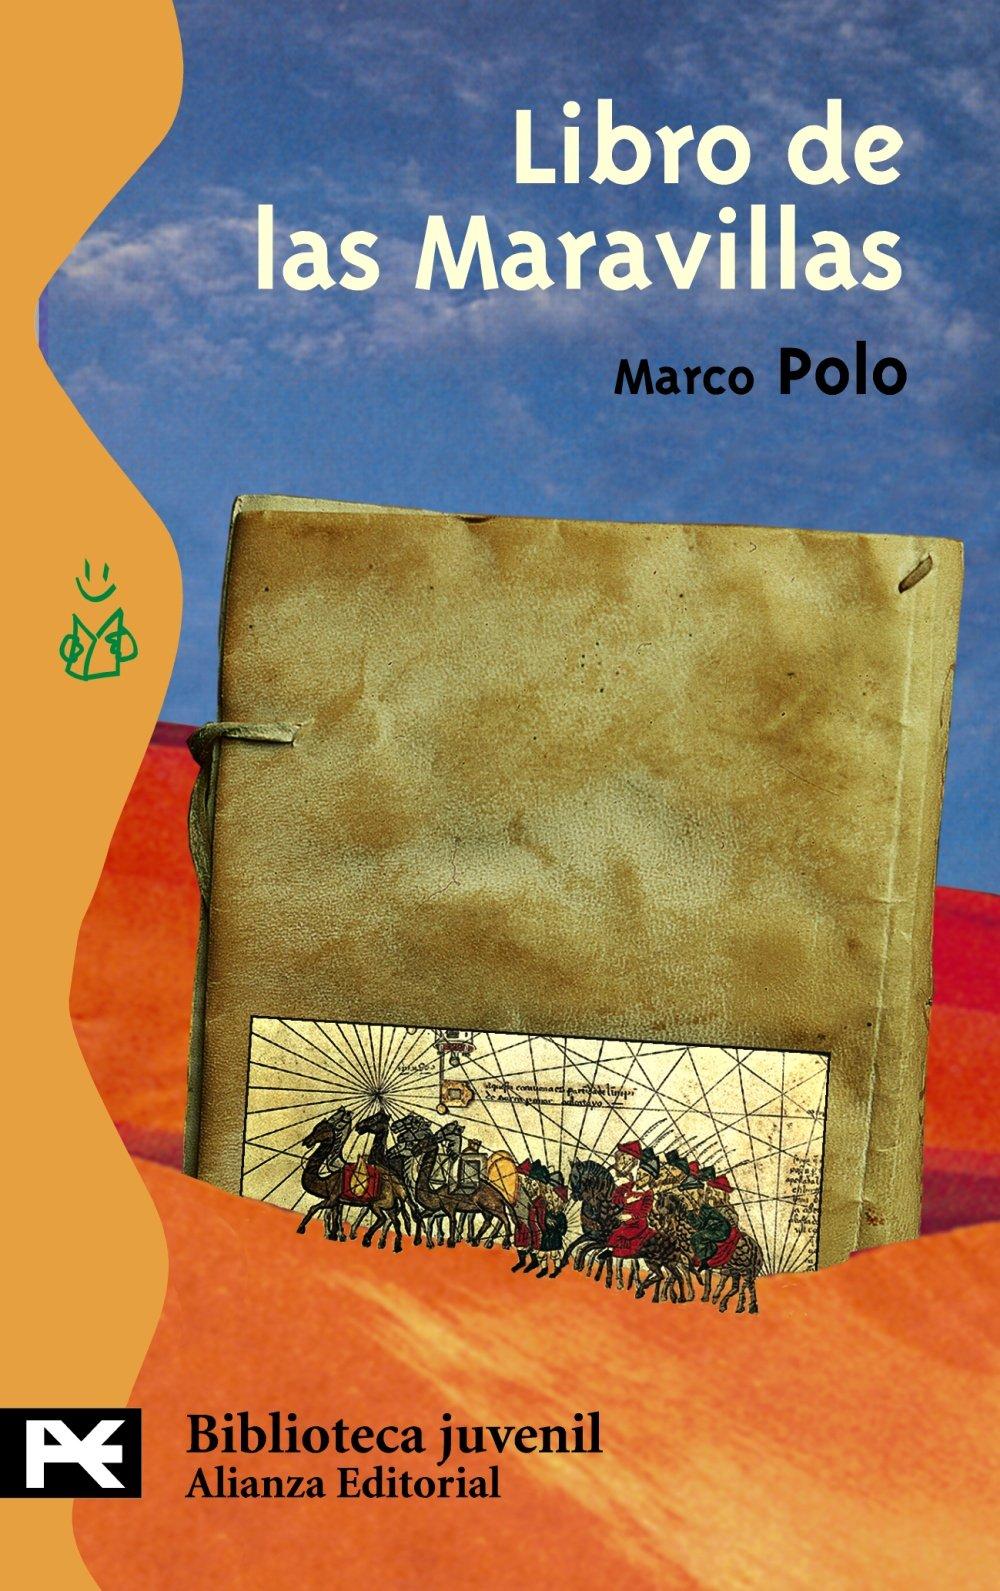 Libro de las Maravillas El Libro De Bolsillo - Bibliotecas Temáticas - Biblioteca Juvenil: Amazon.es: Marco Polo, Mauro Fernández Alonso de Armiño: Libros